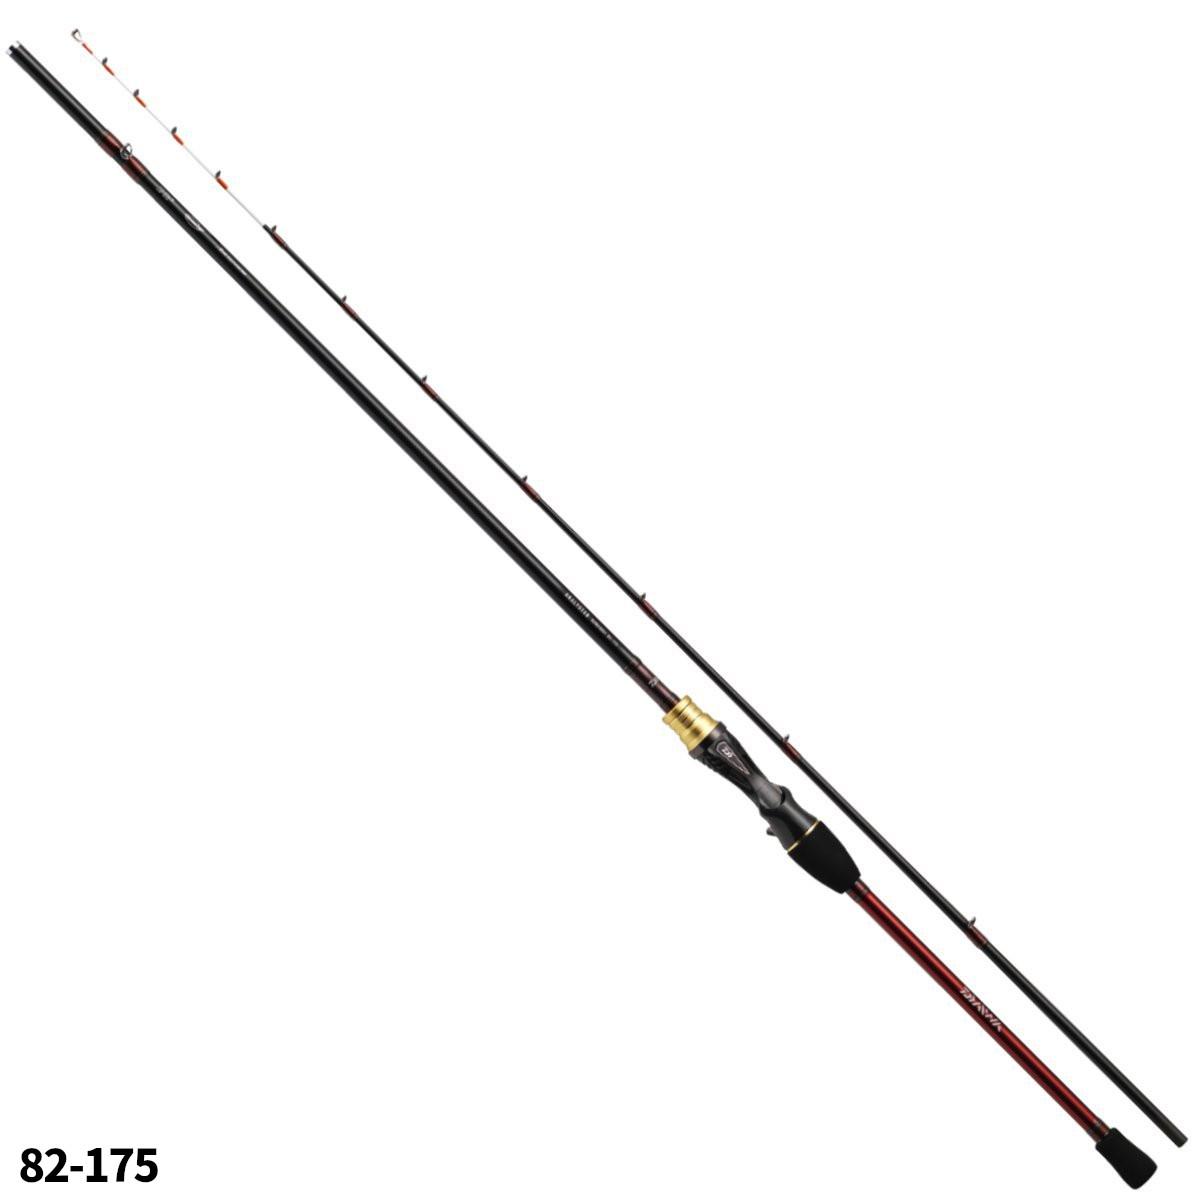 ダイワ アナリスター カワハギ 82-175(東日本店)